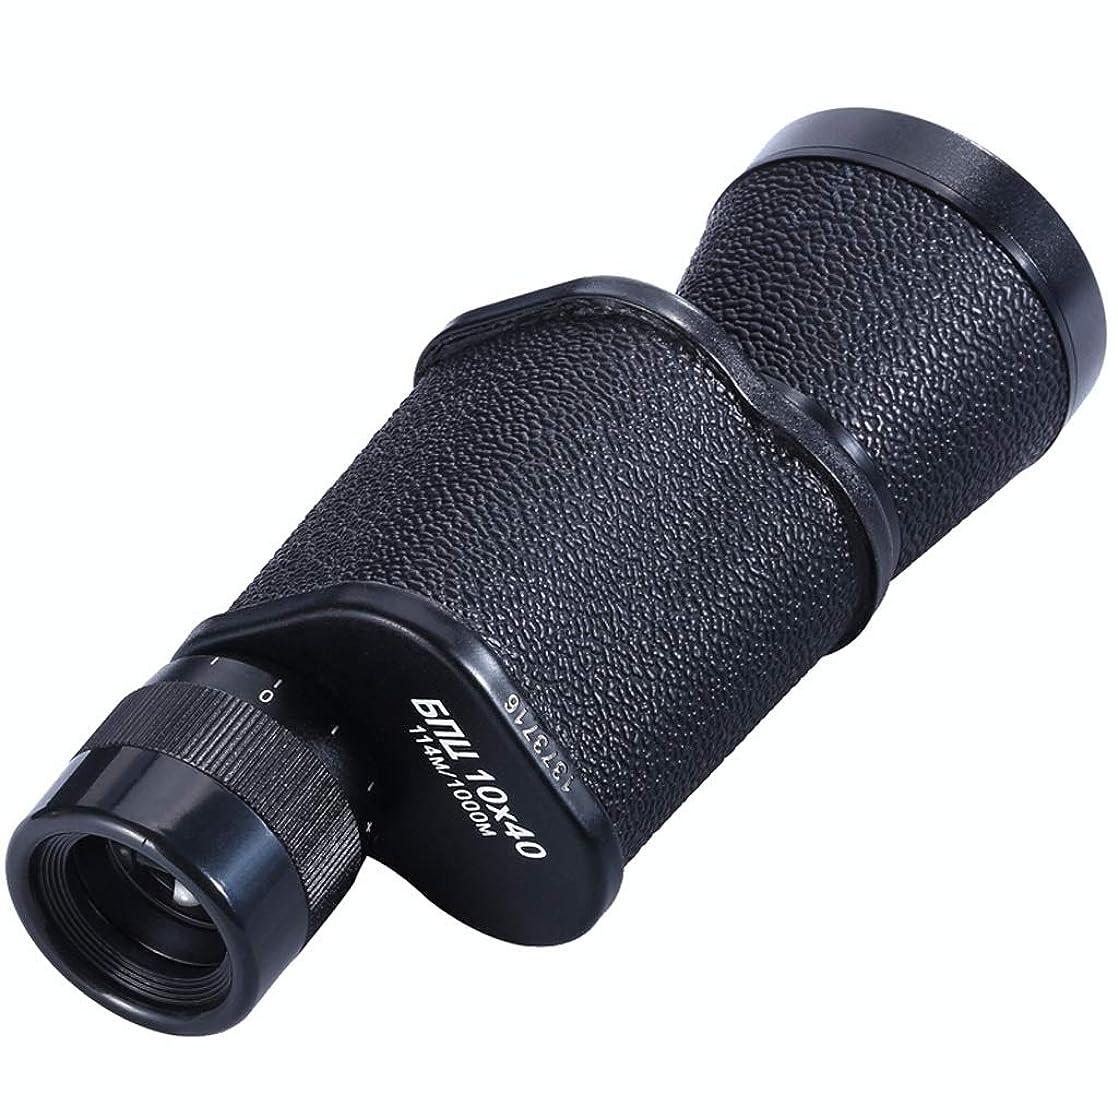 小さい化粧メダリストシングルシリンダー 望遠鏡 10X40 クラシックメタル 望遠鏡 HD 単眼鏡 望遠鏡 小型でポータブルコンサート